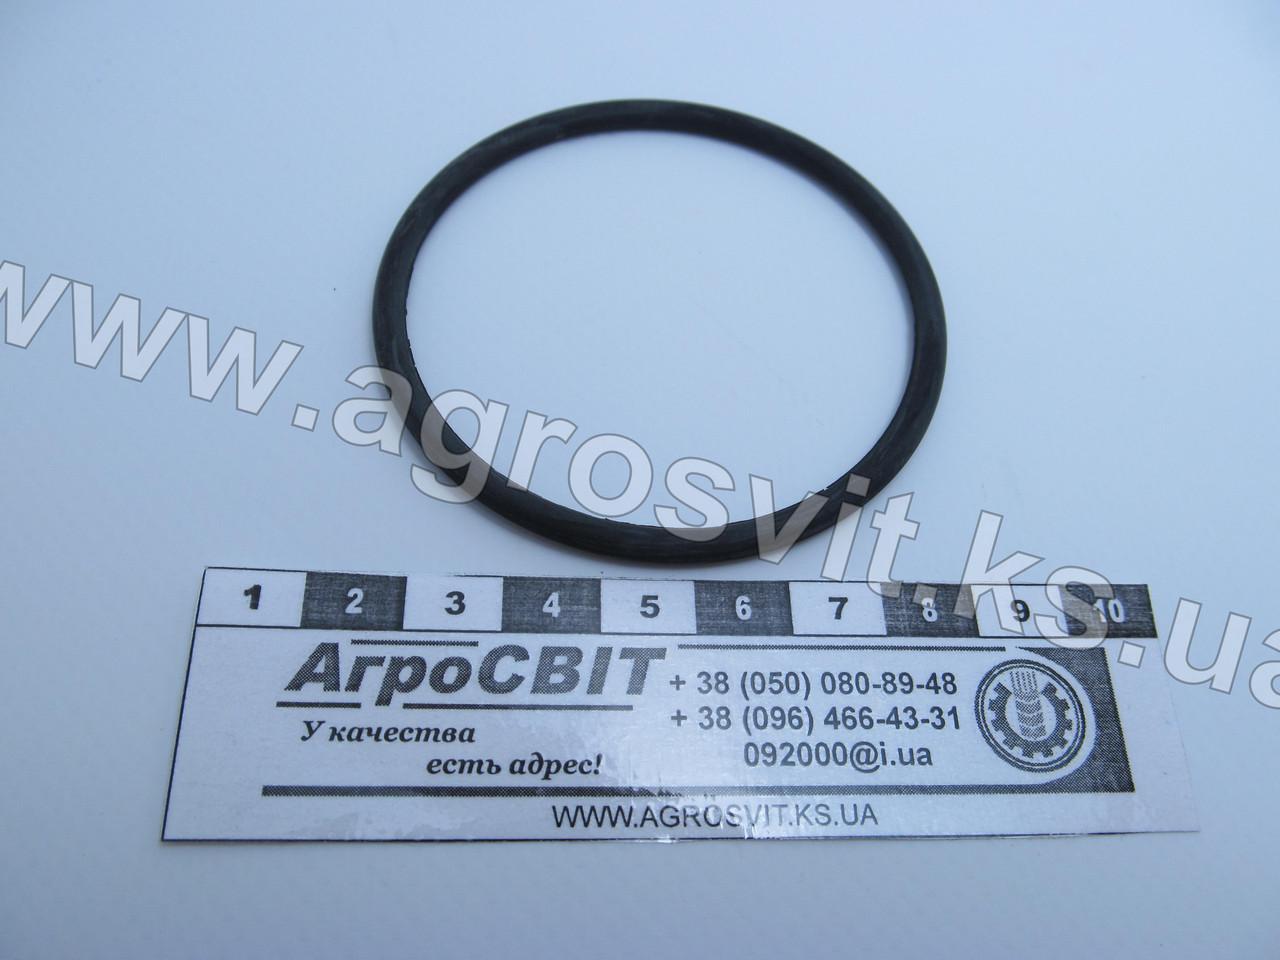 Кольцо резиновое 61,0х3,6; типоразмер 062-068-36